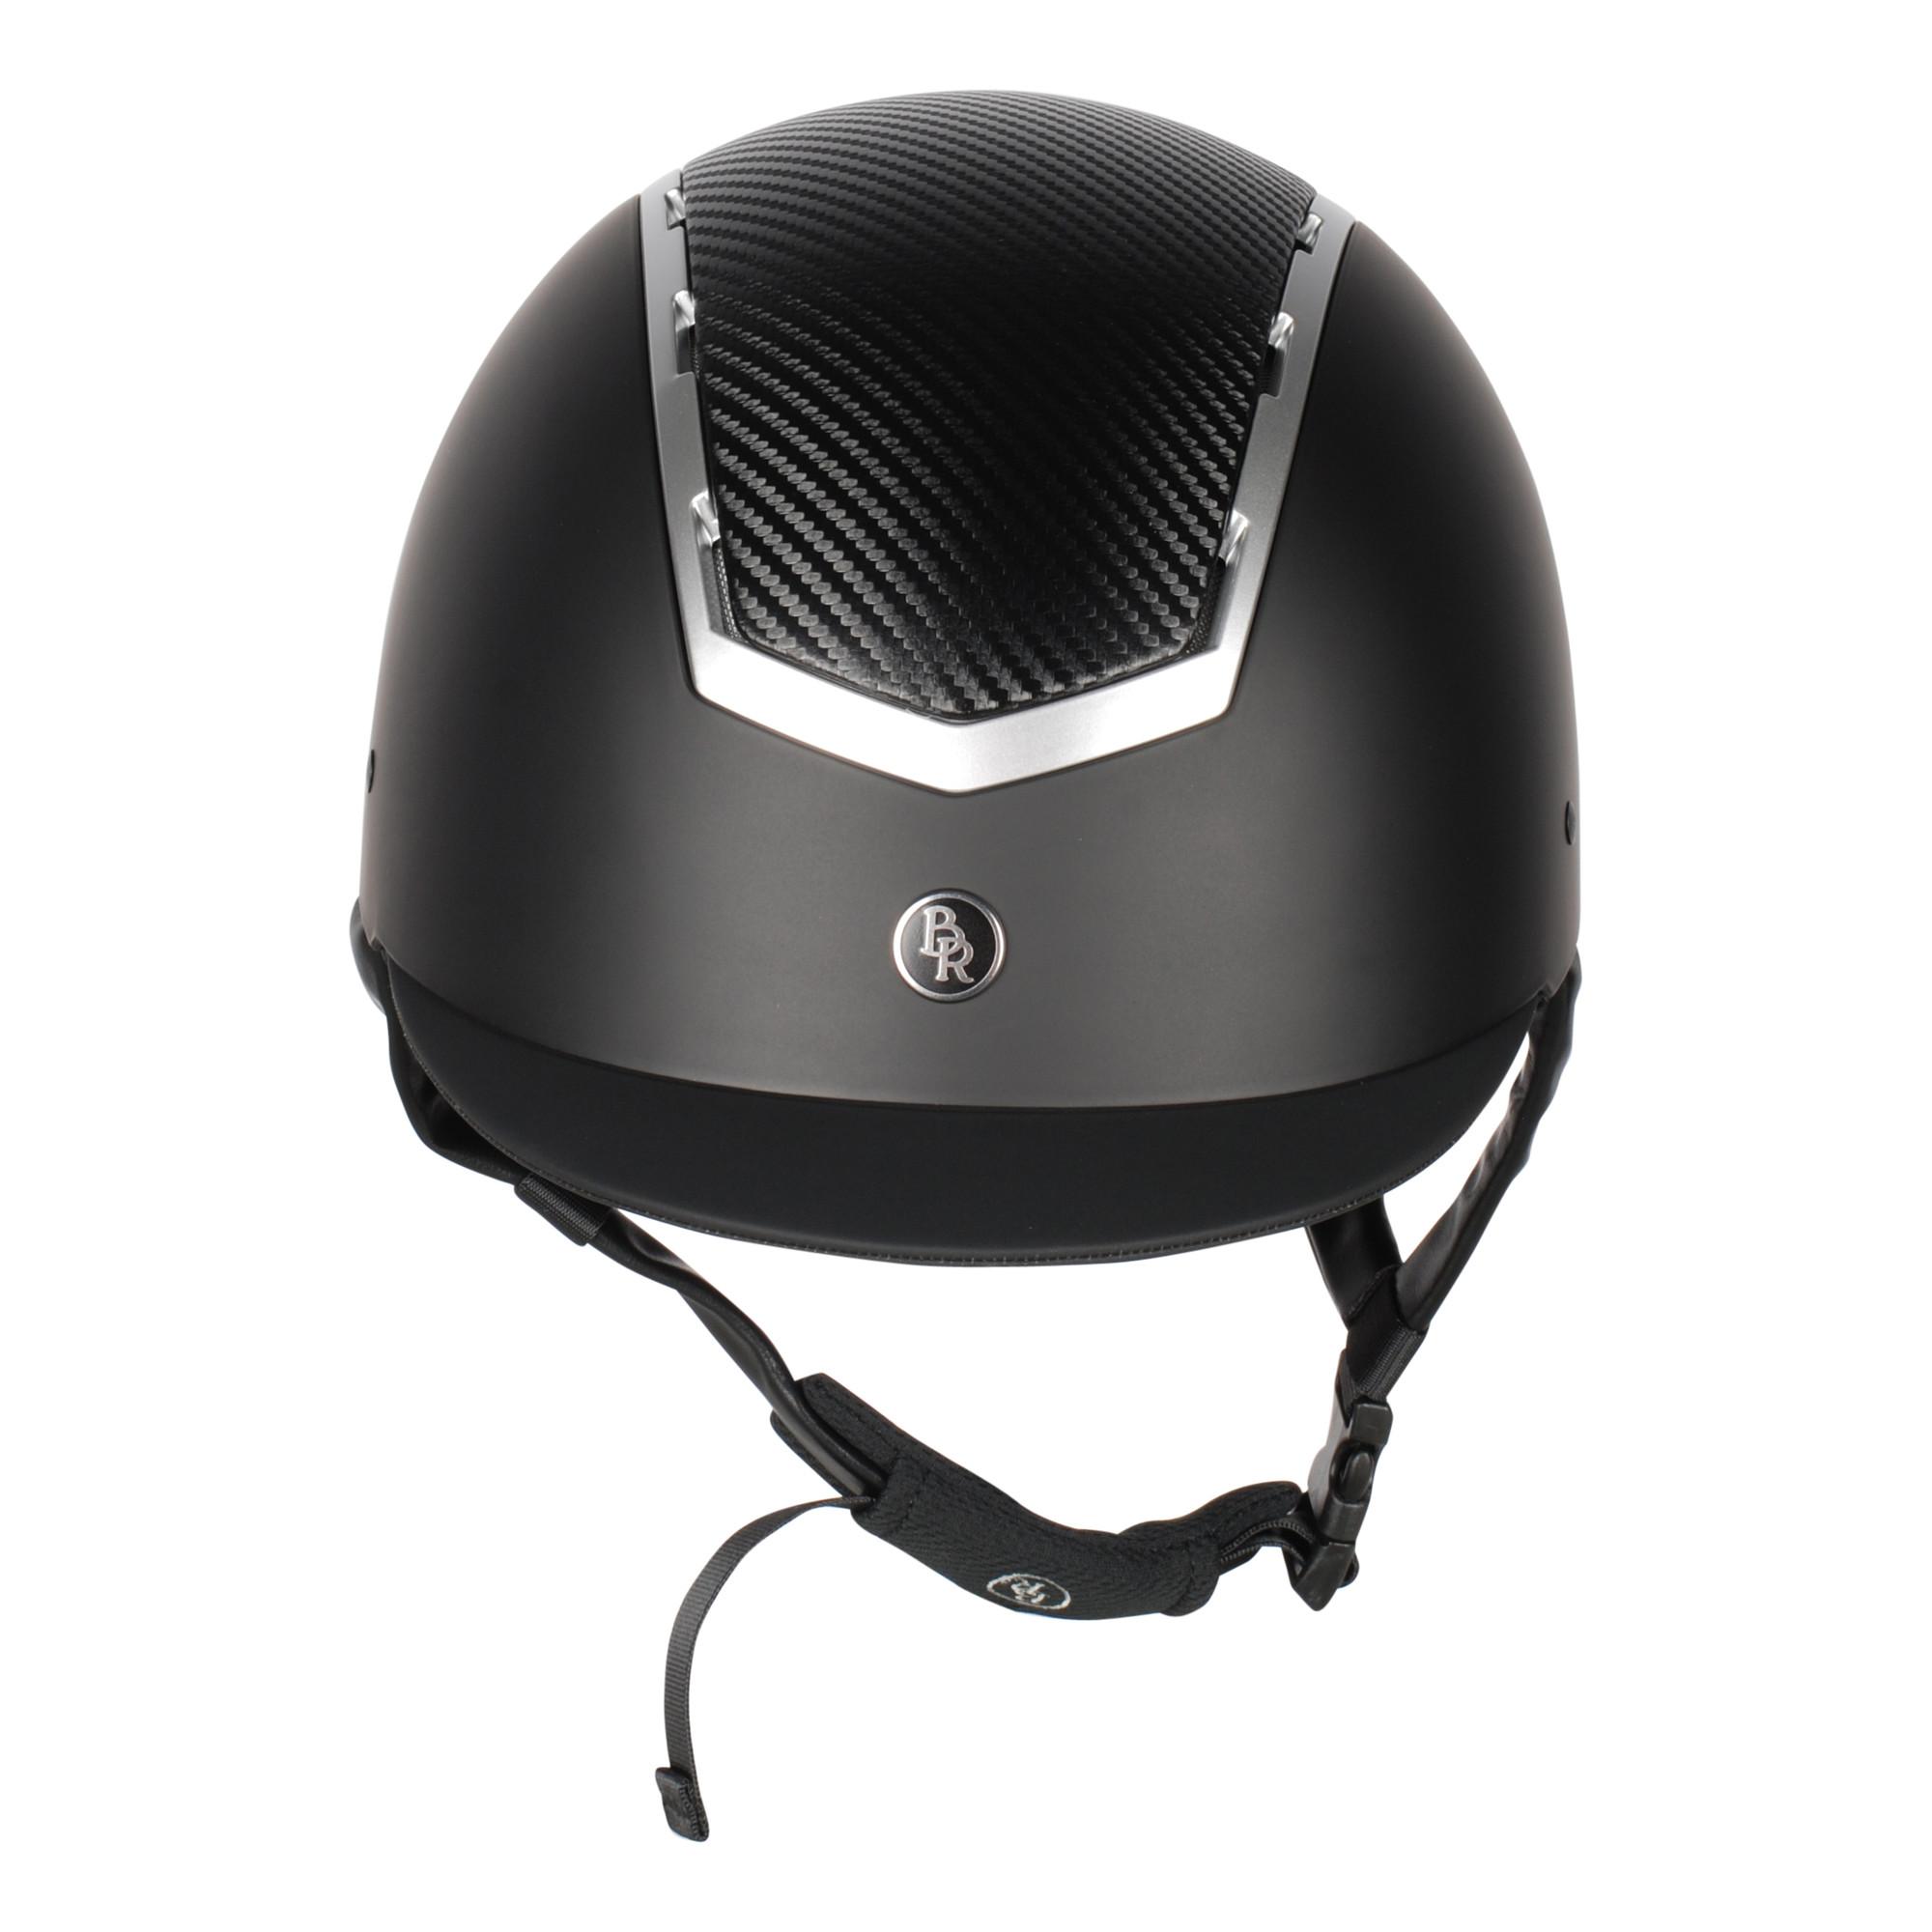 BR Sigma Carbon cap